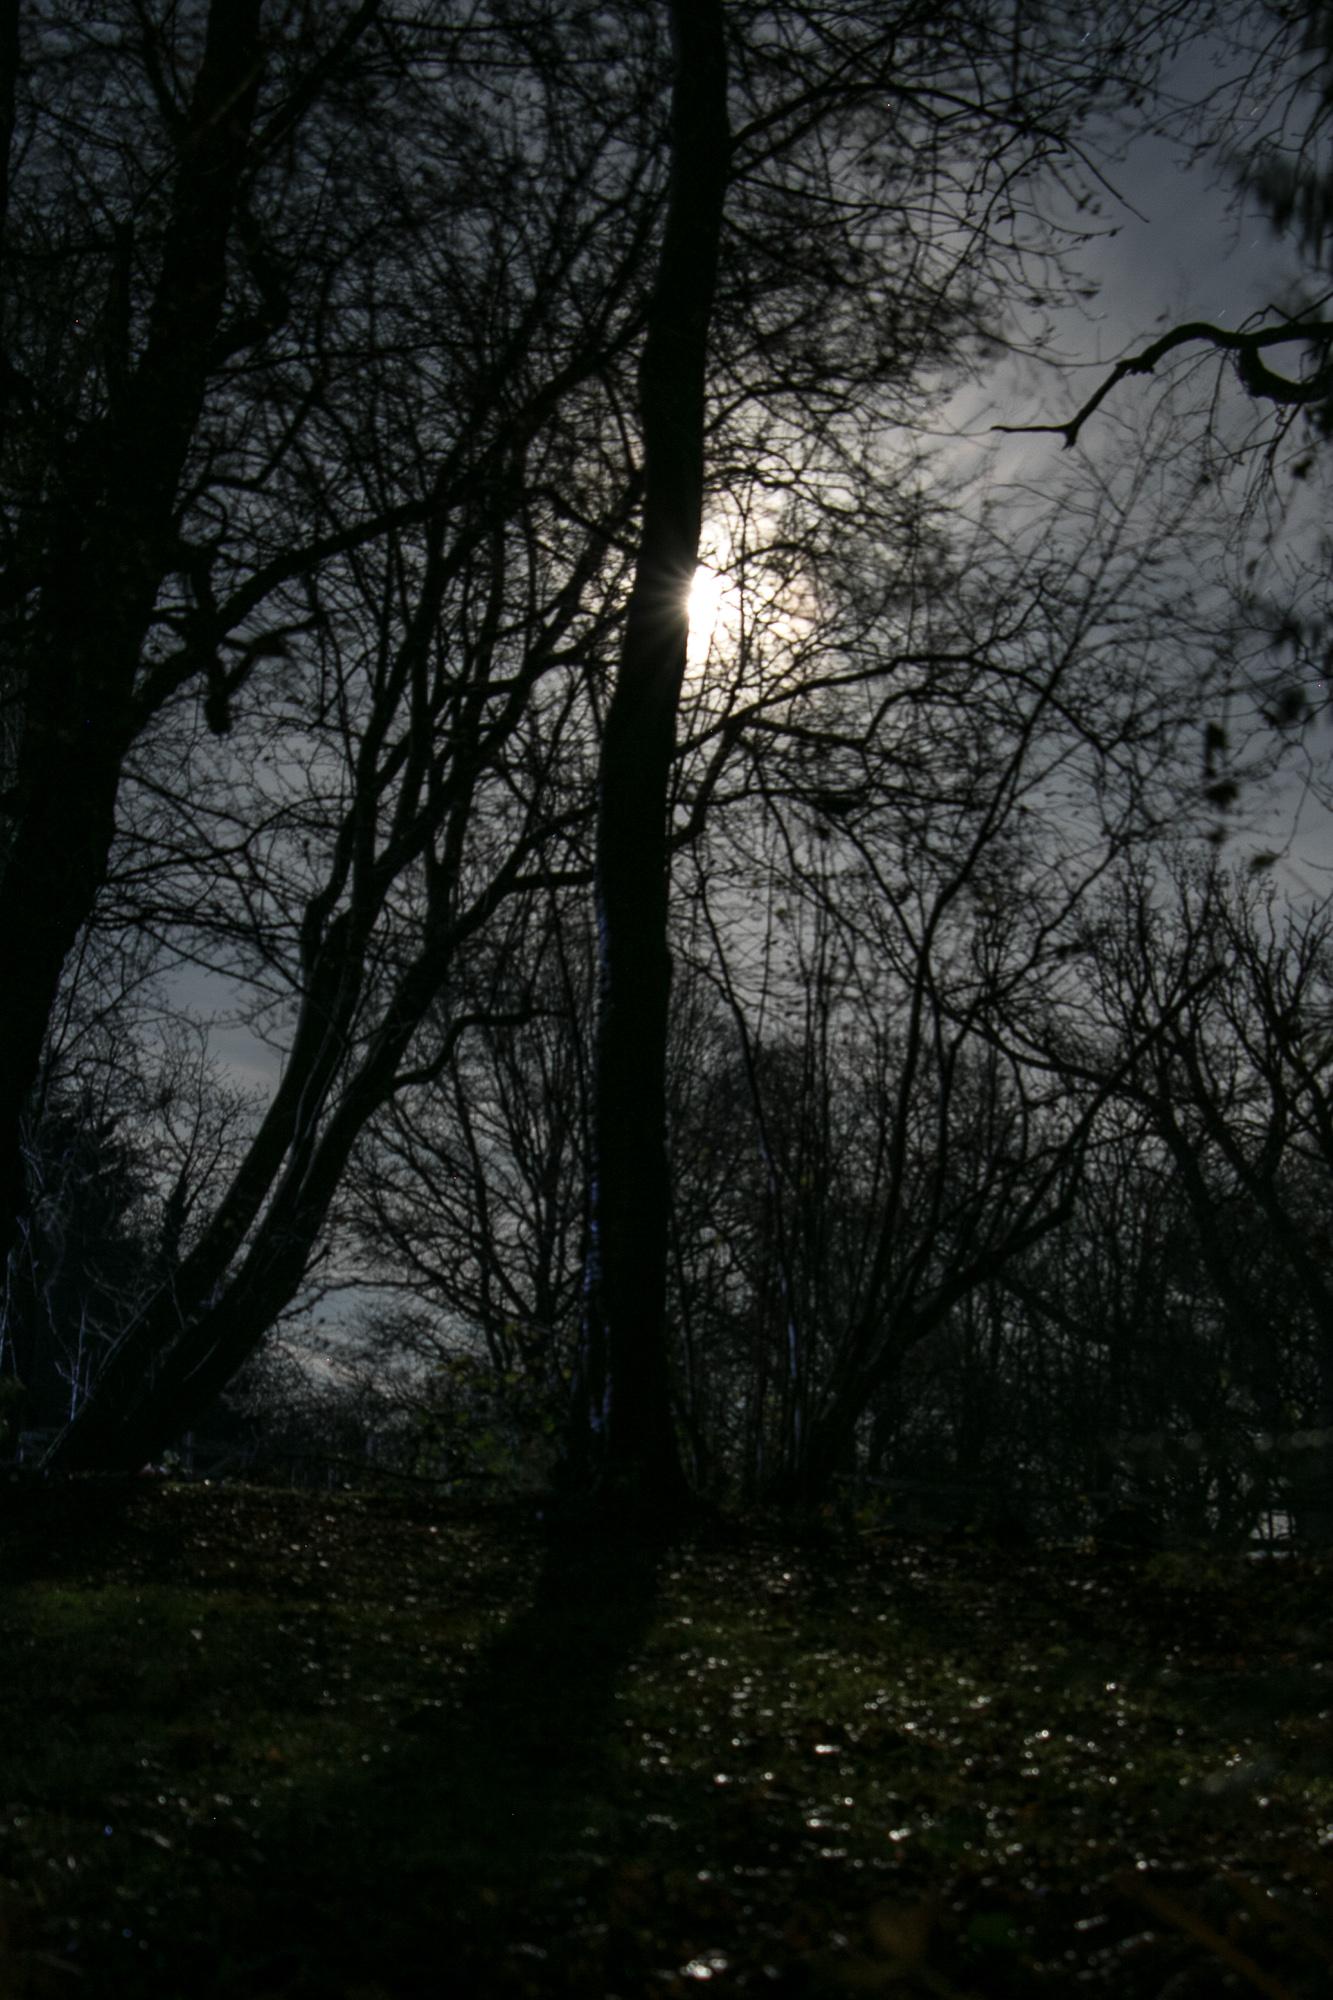 LotteGarner_04_Night lights_4_2000px.jpg